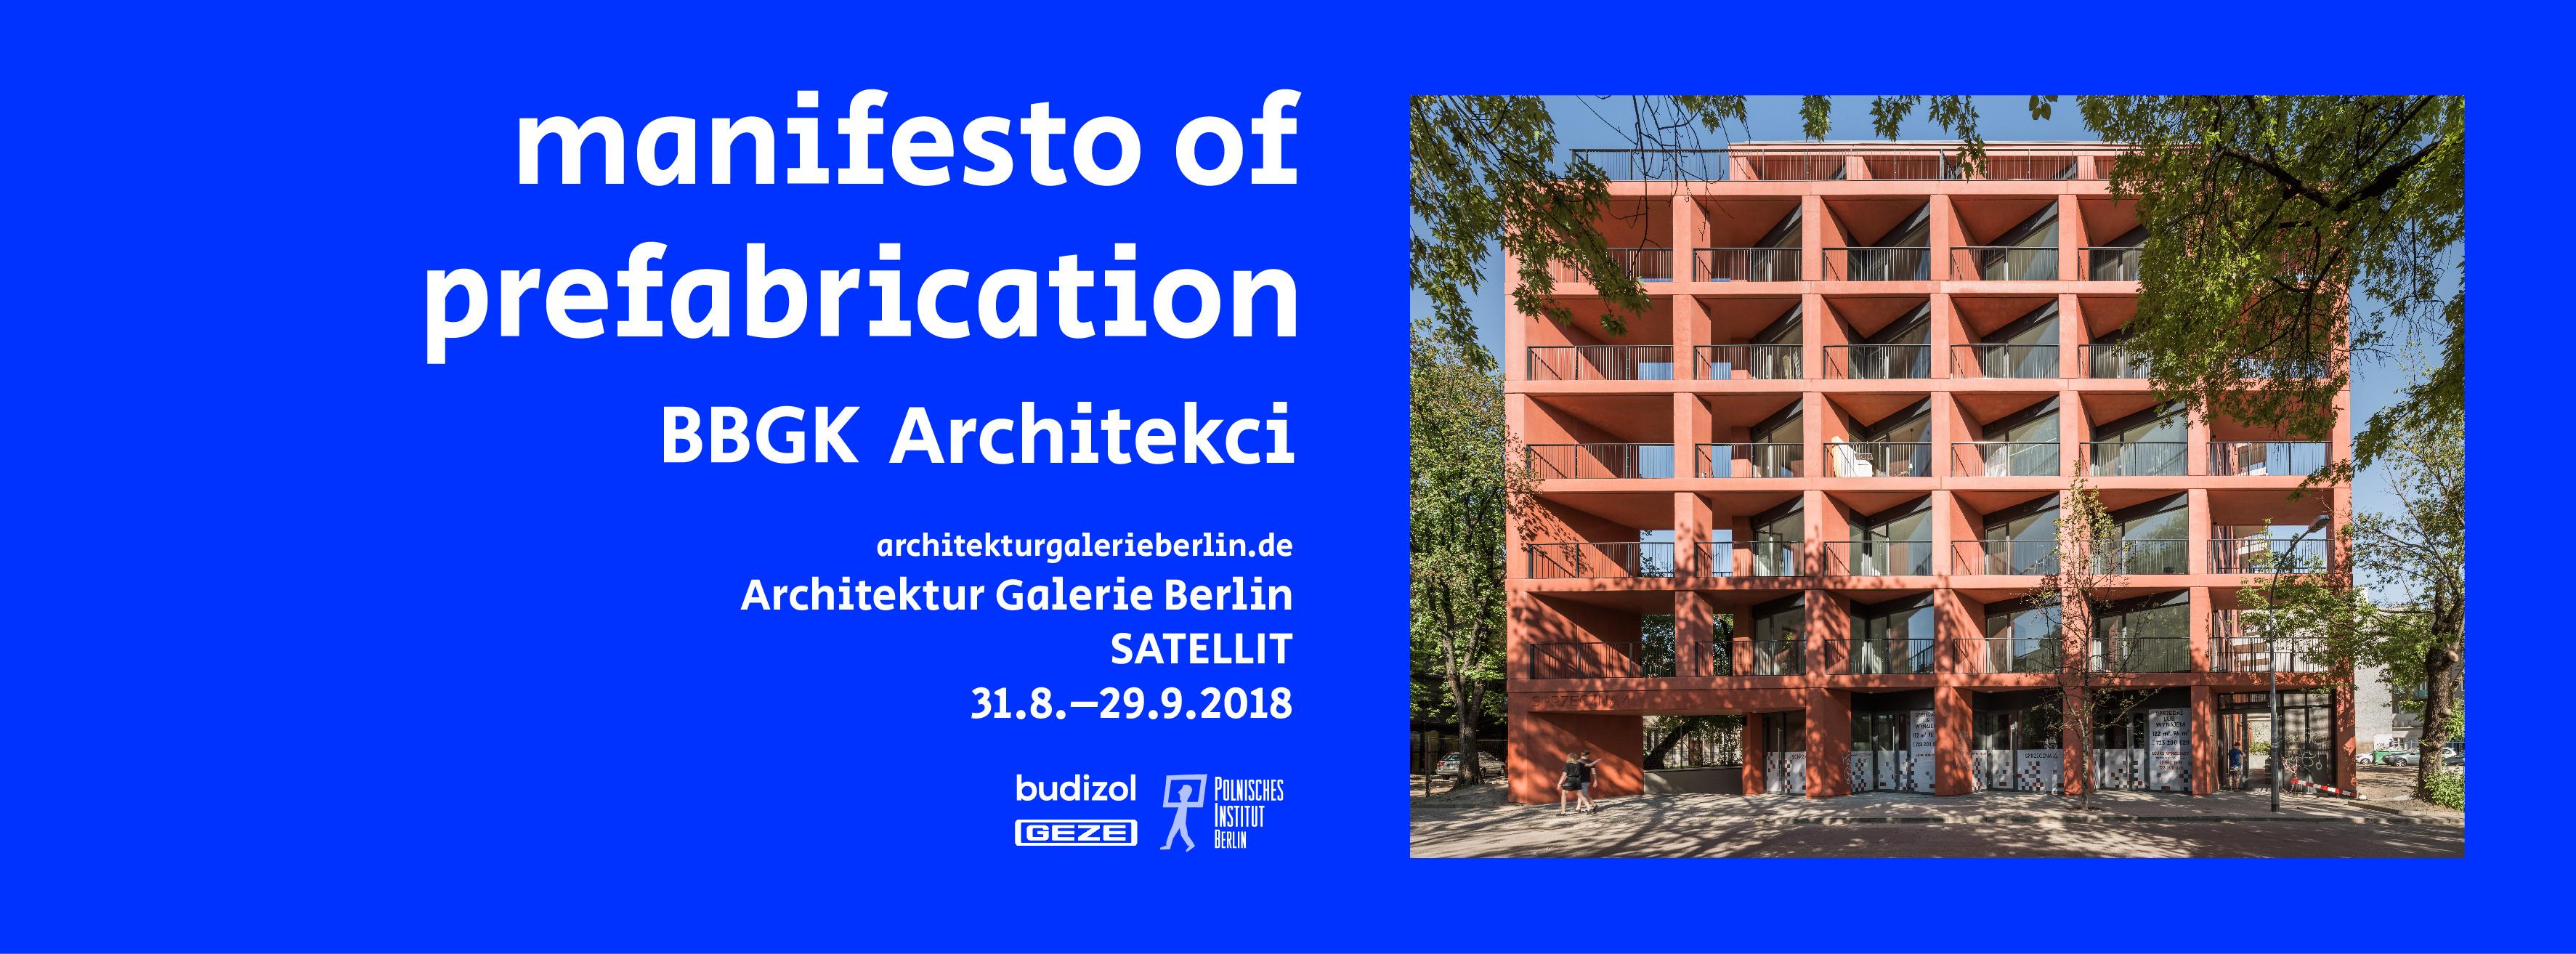 """""""Manifesto of prefabrication"""", Architektur Galerie Berlin (źródło: materiały prasowe organizatorów)"""